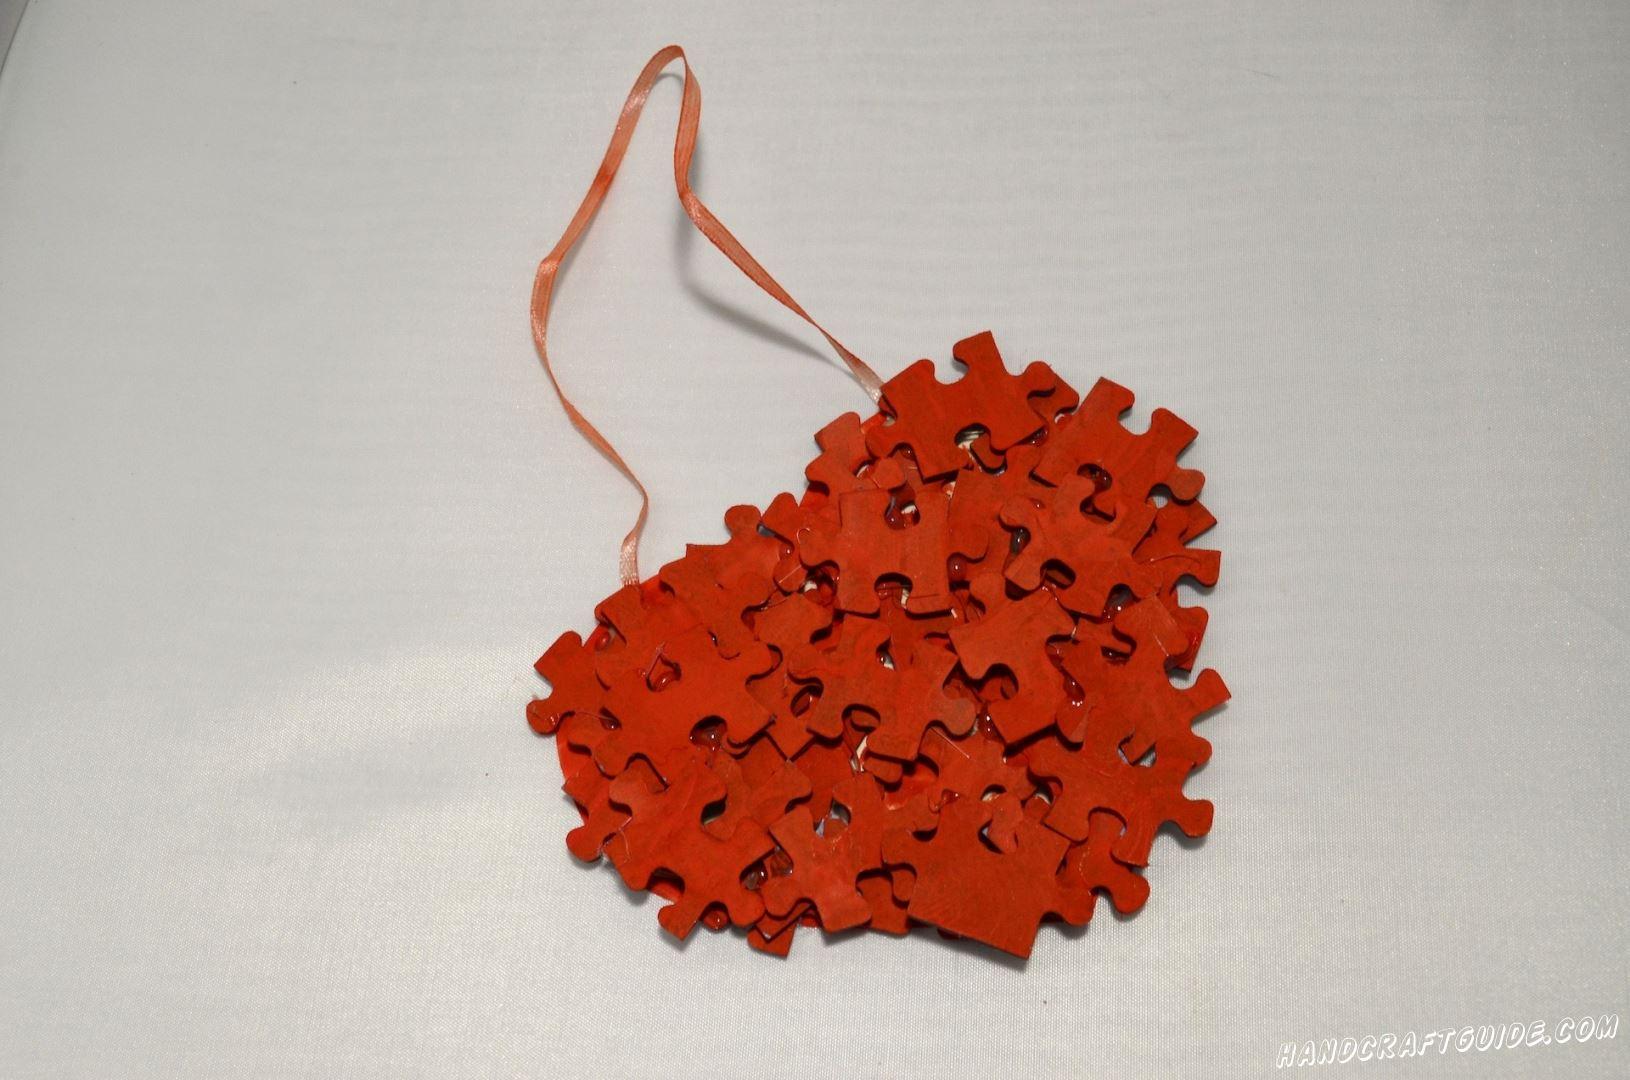 Перед созданием сердца, нужно прицепить ленточку. Берем два пазла, мажем обратную от красного цвета сторону клеем. Ложим на картон одну, затем вторую сторону ленточки и прижимаем их нашими пазлами.